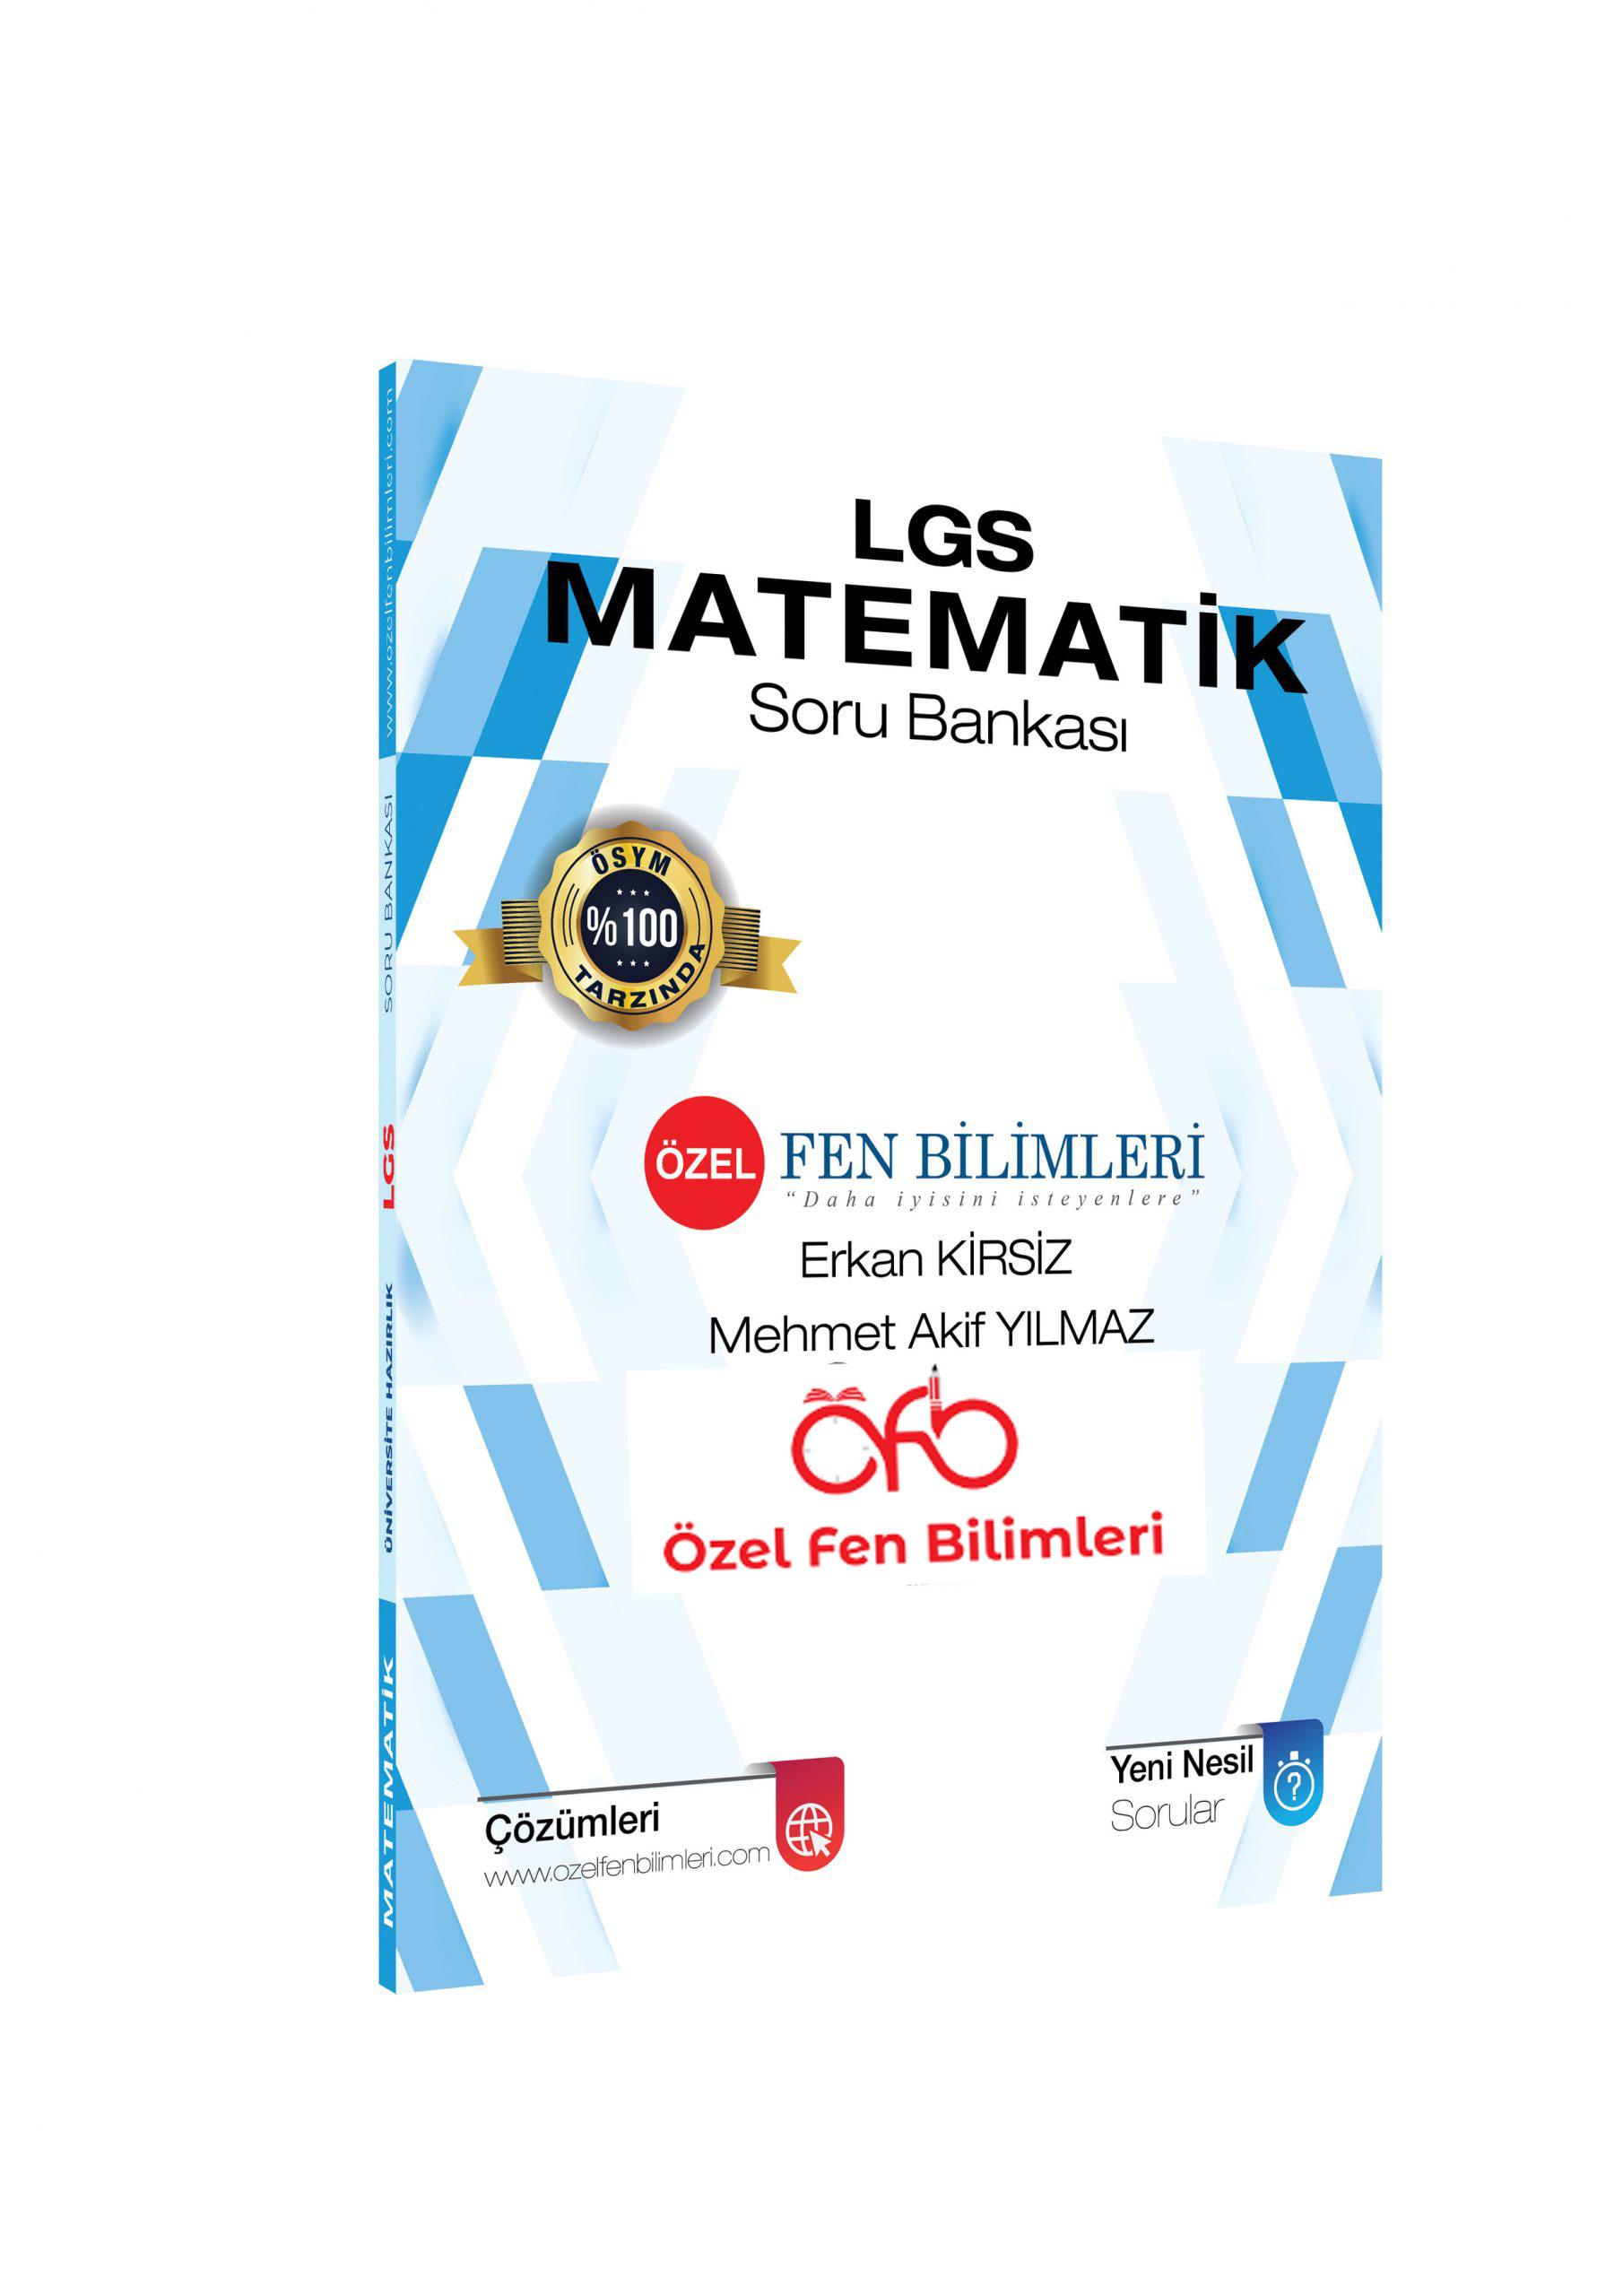 LGS-Matematik-Soru-Bankasi